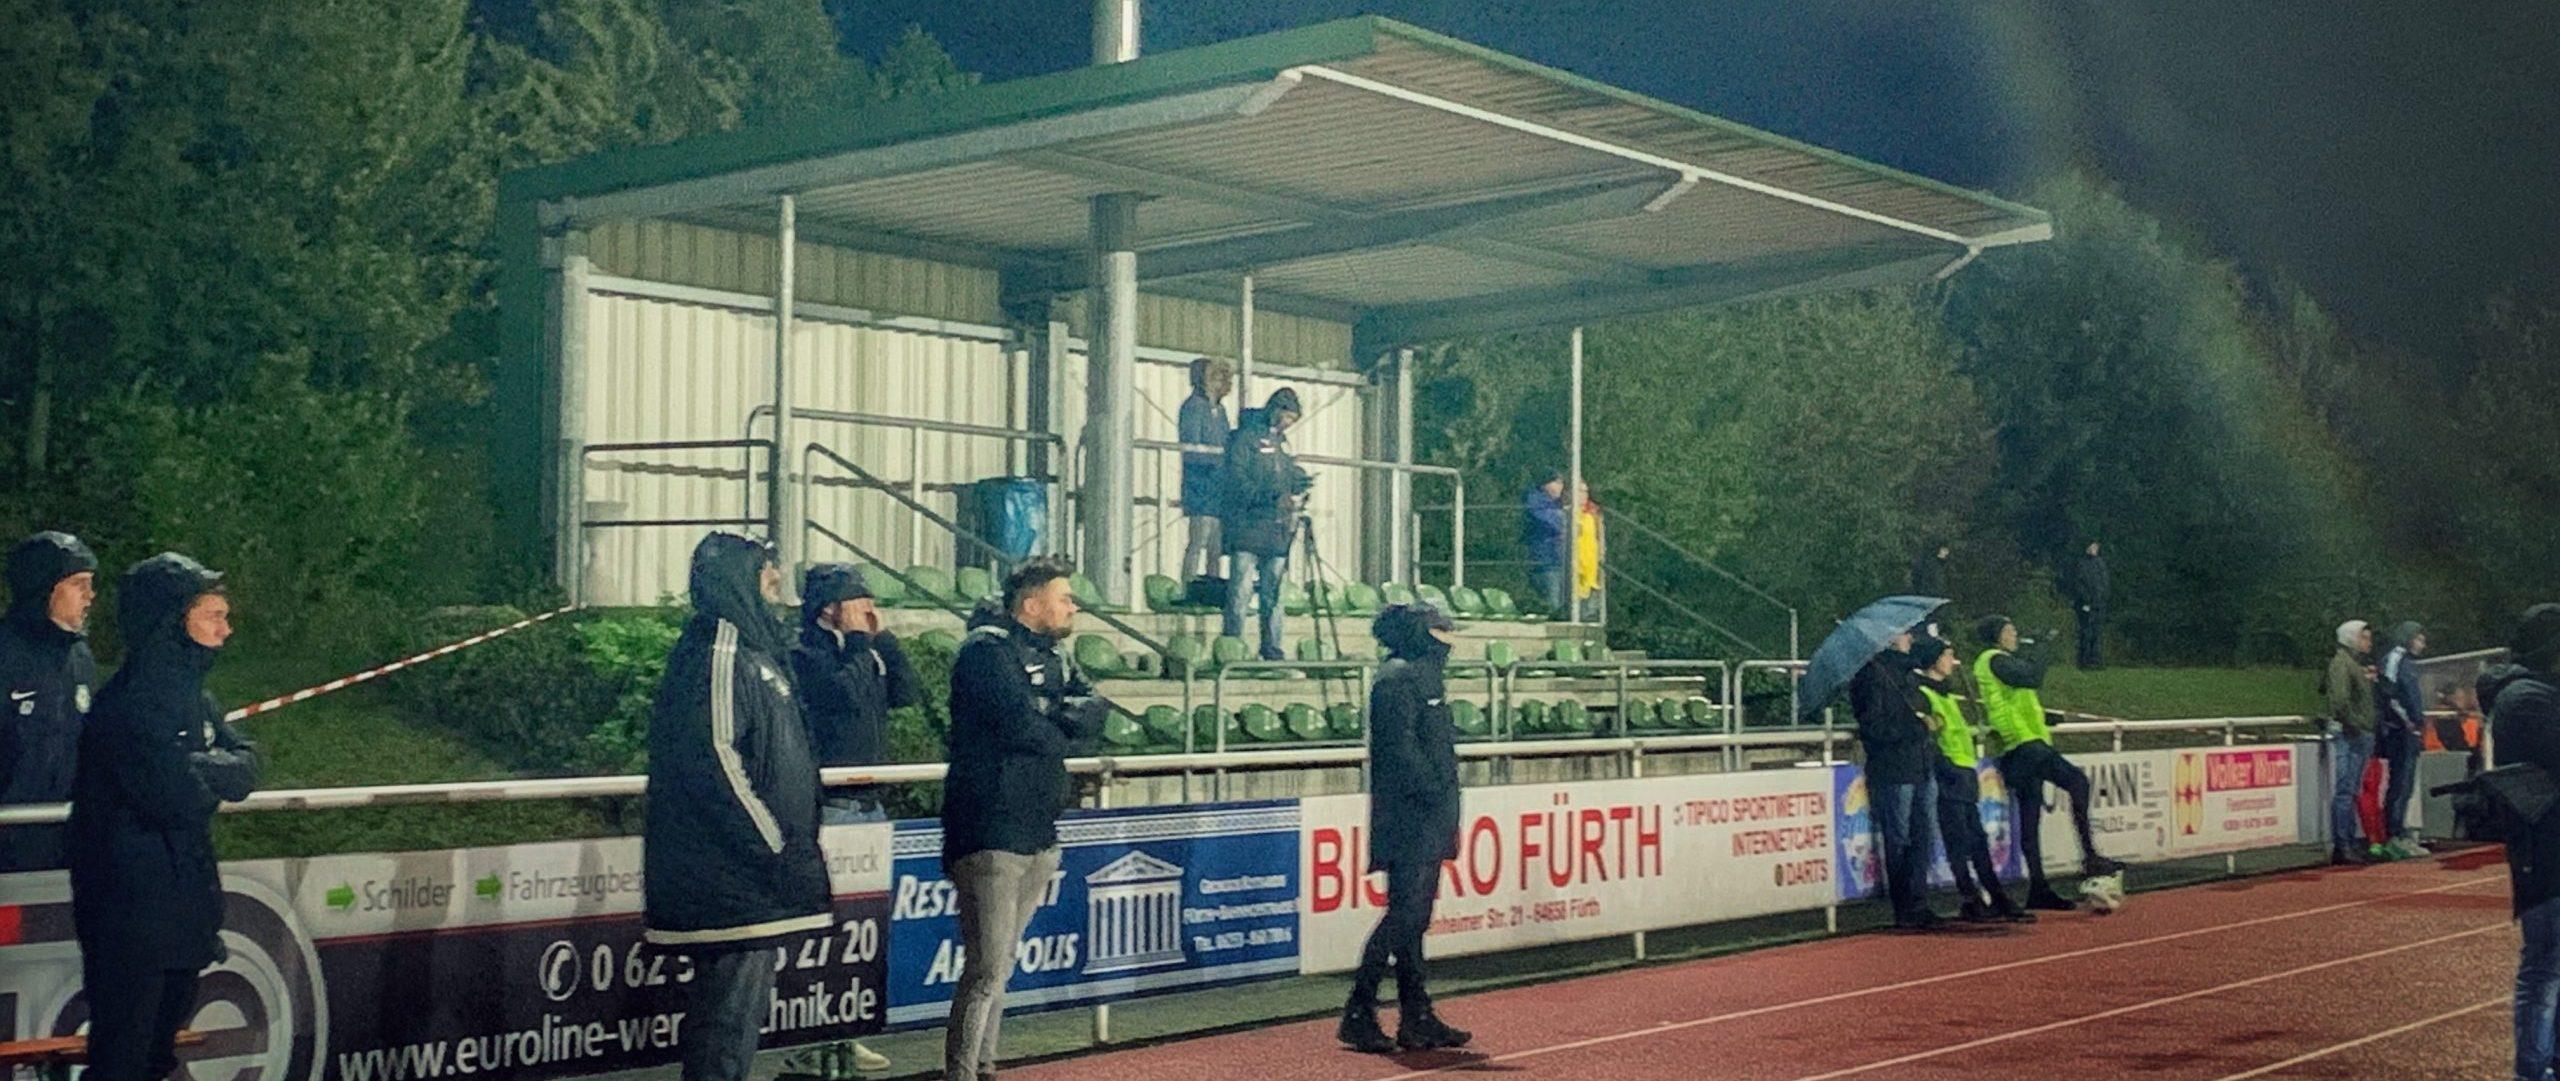 Fürth im Odenwald – Stadion an der Schulstraße